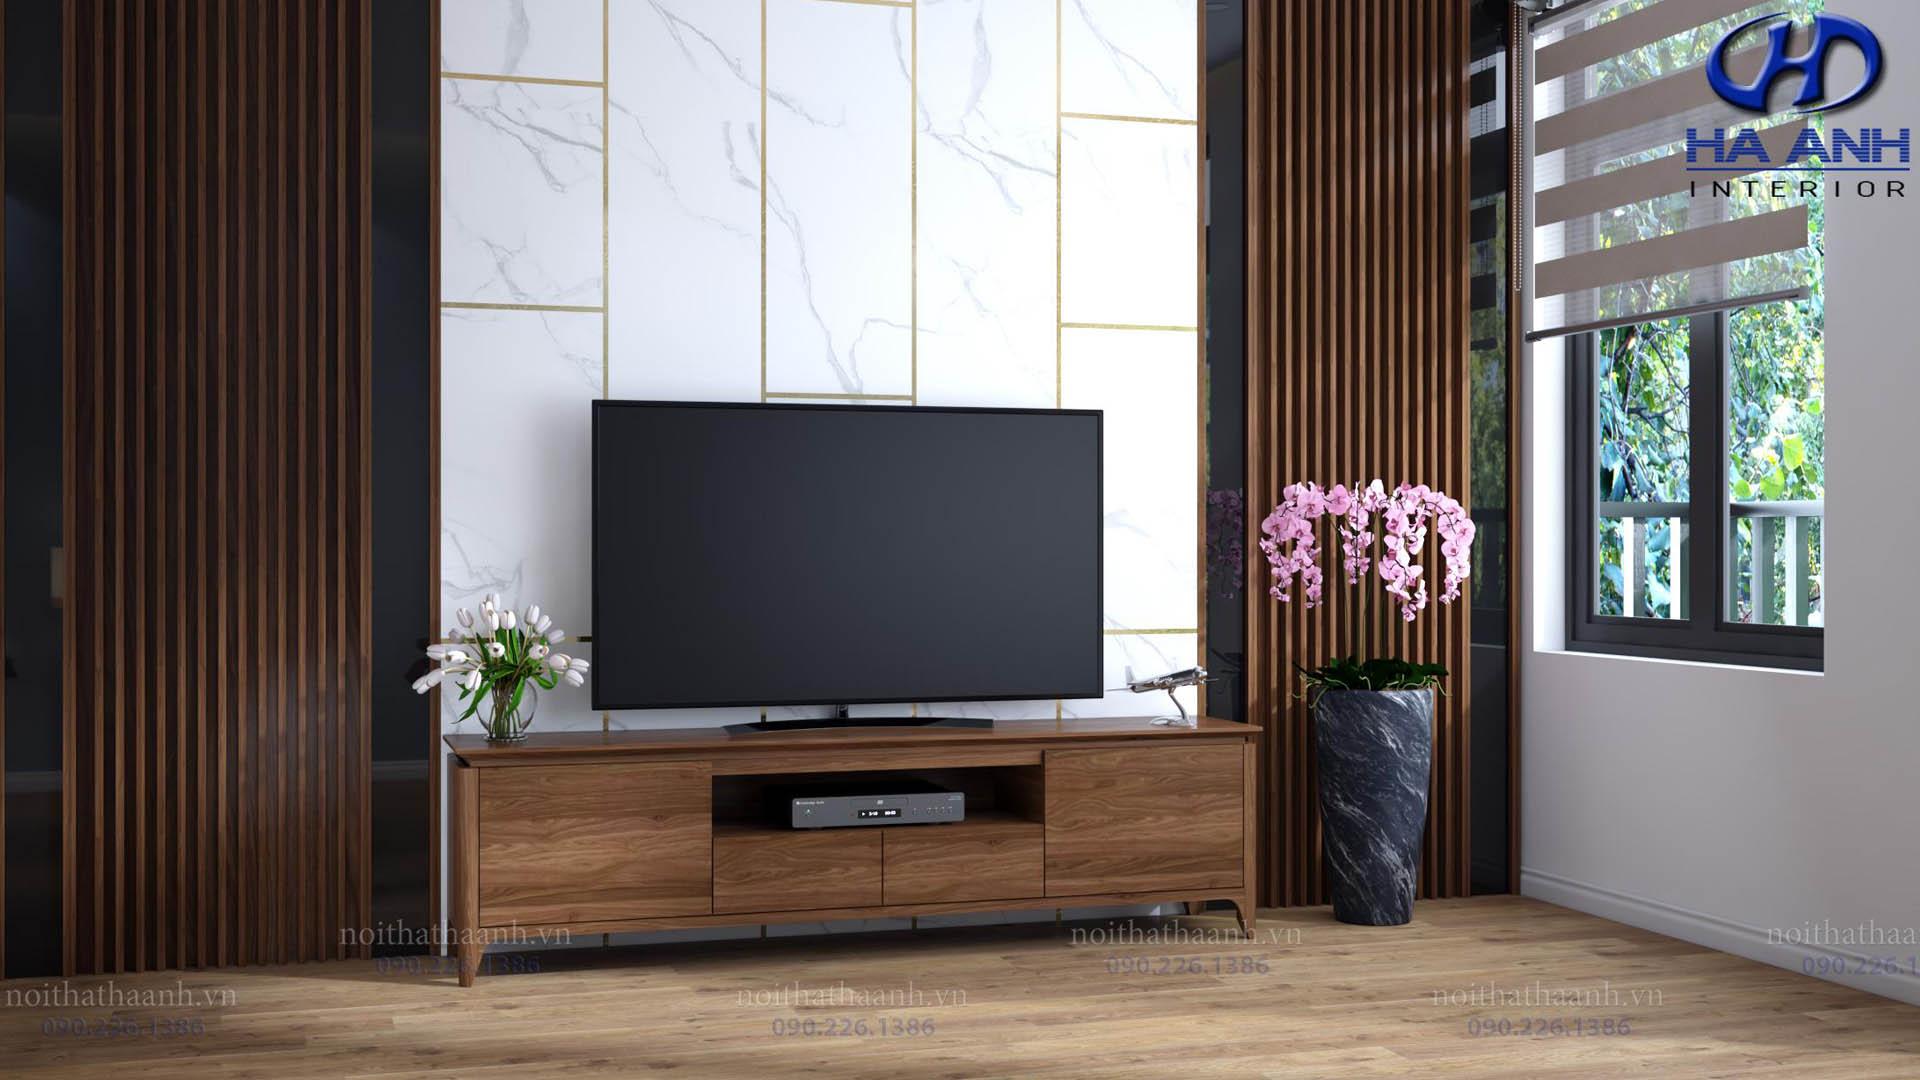 Những mẫu kệ tivi gỗ óc chó của Nội thất Hà Anh làm nao nức lòng khách hàng